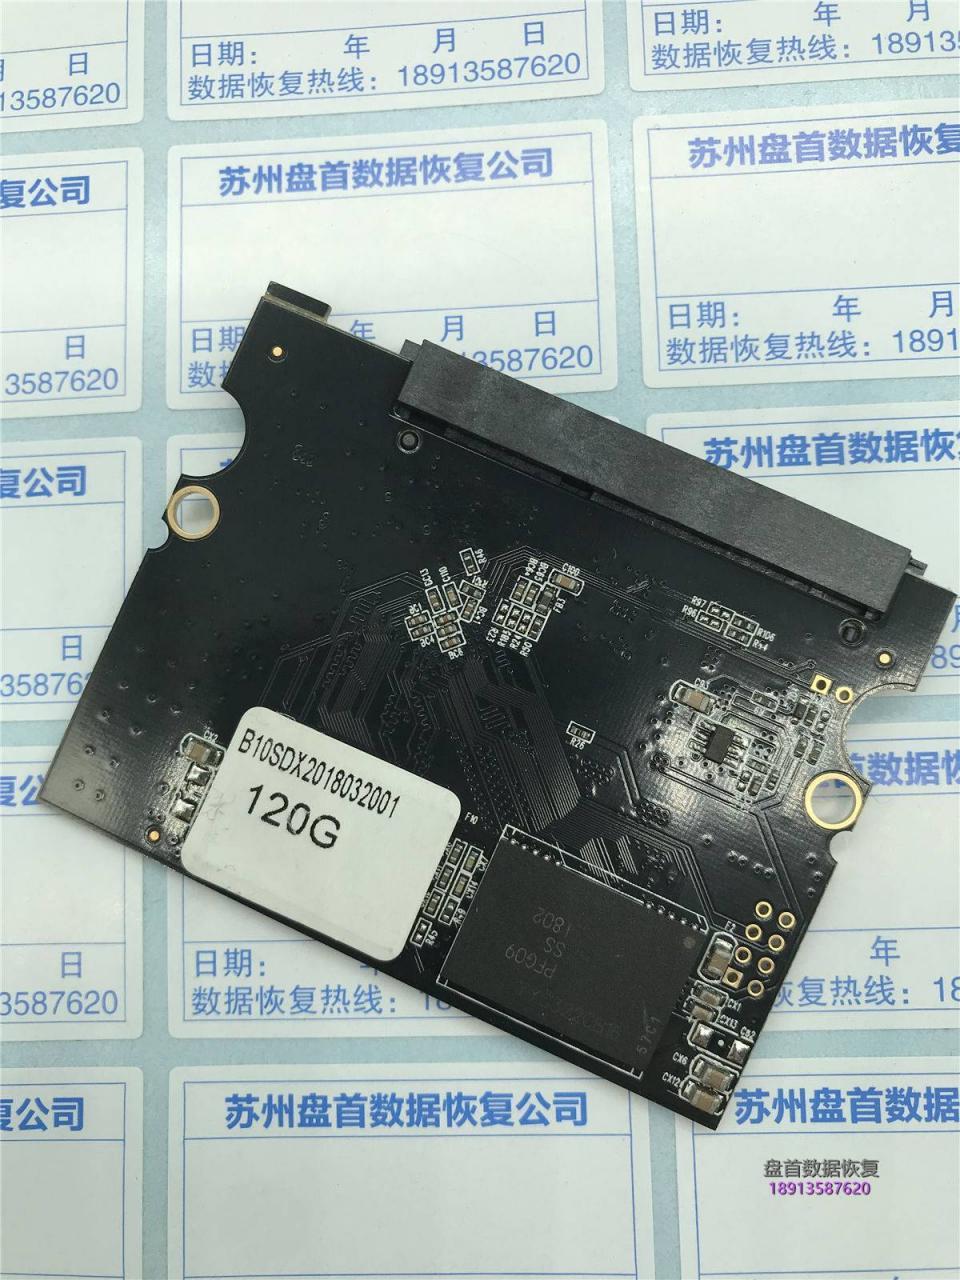 主控SM2258XT二次恢复德乐SSD能扫描全绿不能读扇区故障